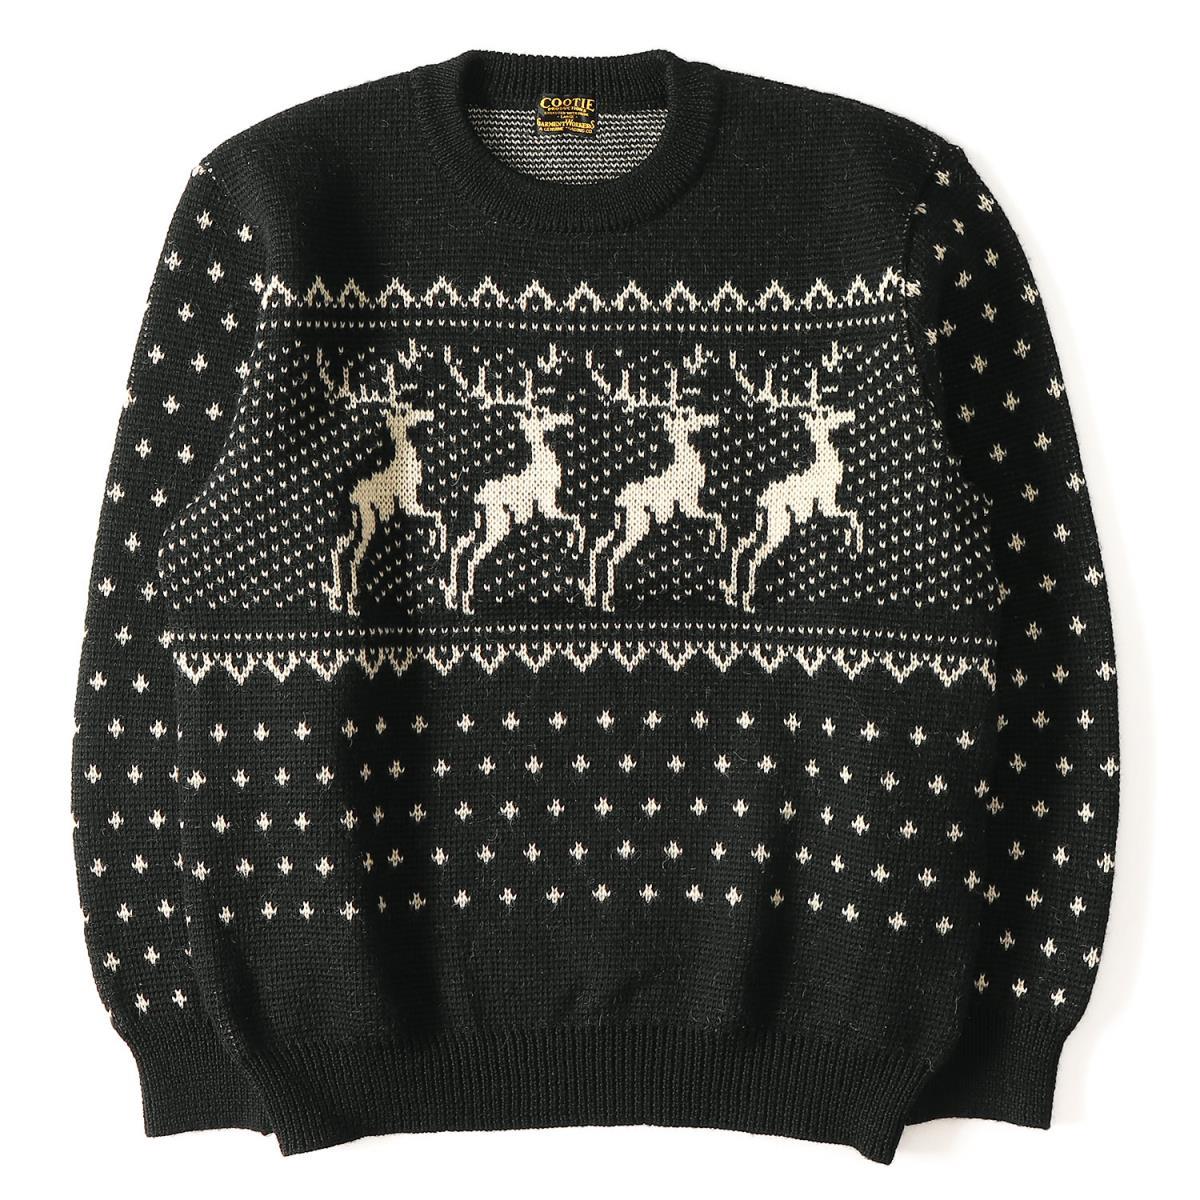 COOTIE (クーティー) 14A/W トナカイノルディック柄クルーネックニットセーター(Trapper Sweater) ブラック L【メンズ】【美品】【K2066】【中古】【あす楽☆対応可】